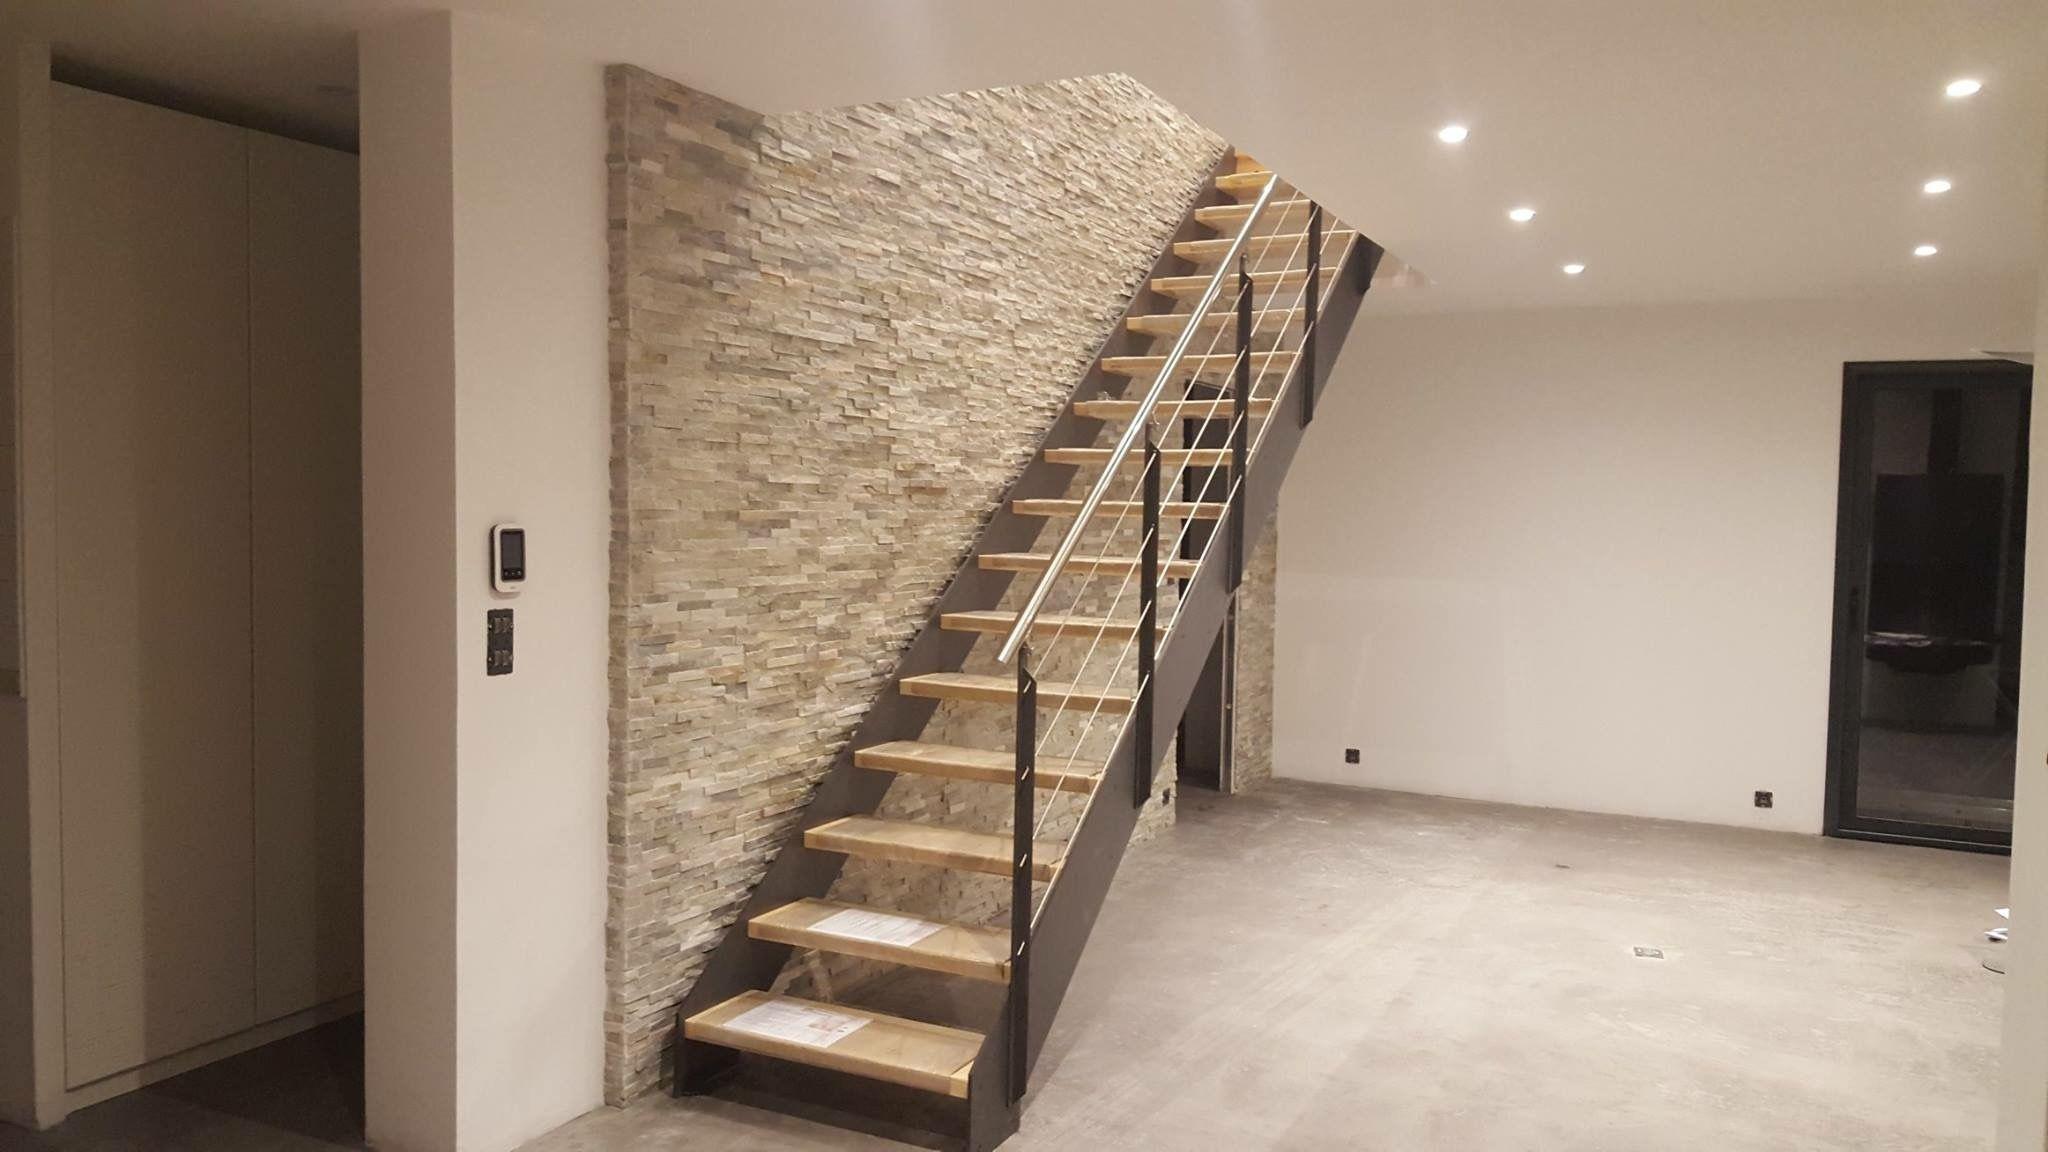 Treppen architektur design  LOFT vor Natursteinwand direkt vom Hersteller Unnerstall Treppen ...